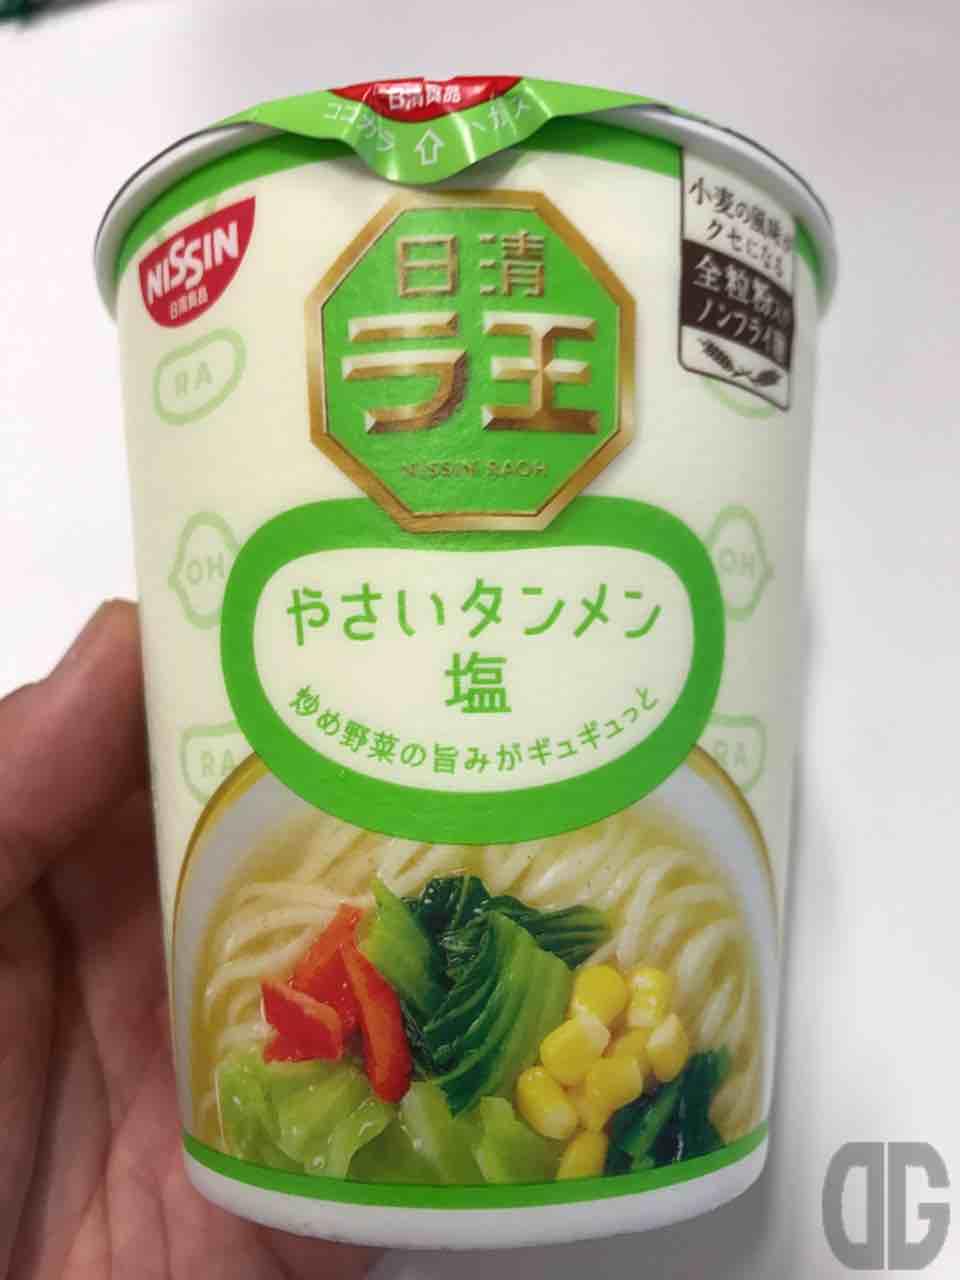 日清 ラ王 やさいタンメン塩は、サッパリとしたスープの味とコシのあるツルツル麺の食感が美味しい